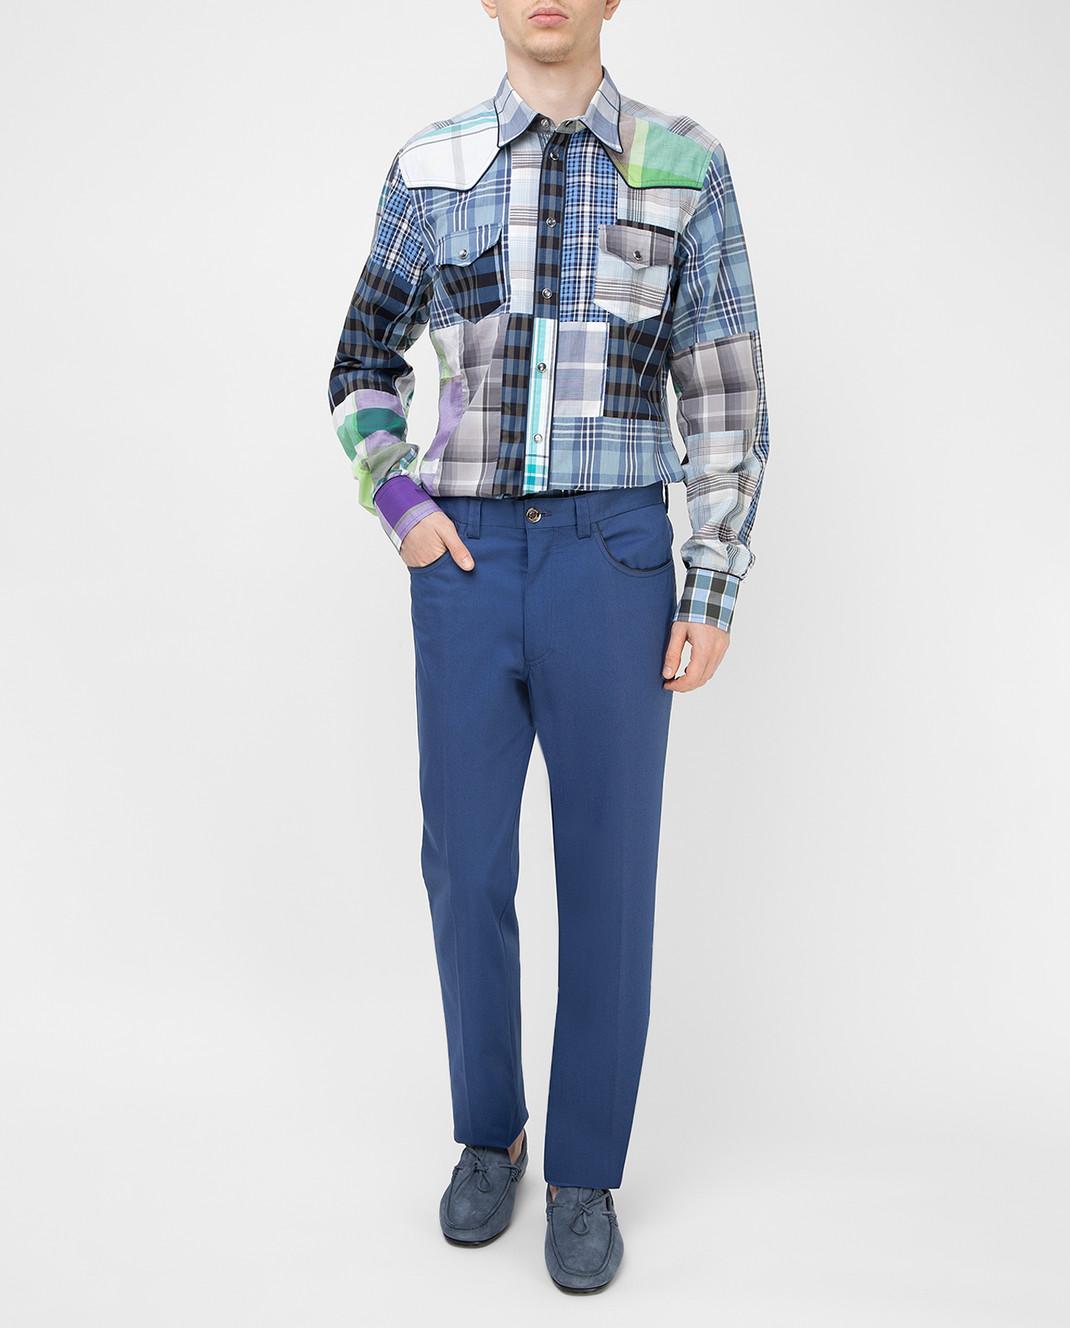 Stefano Ricci Синие брюки M1T8100020 изображение 2